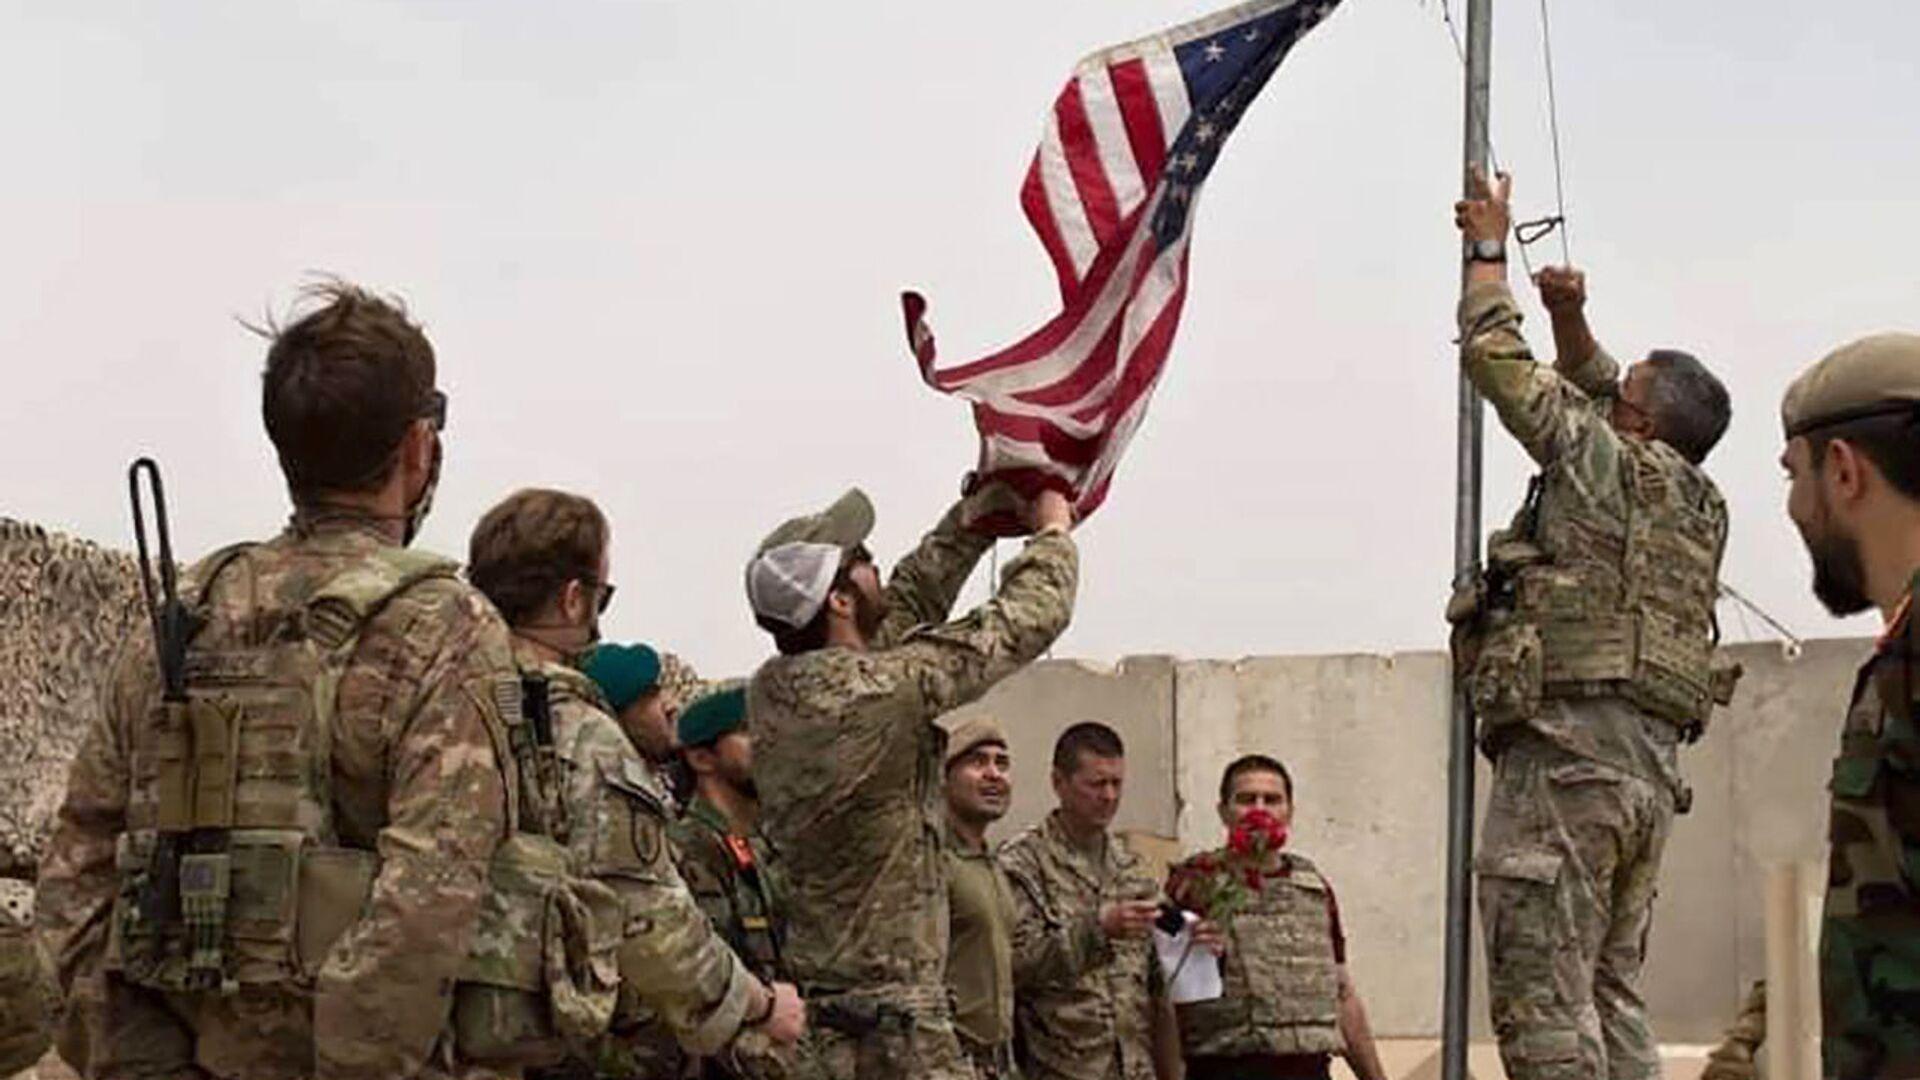 Američtí vojáci stahují vlajku v Afghánistánu - Sputnik Česká republika, 1920, 16.08.2021